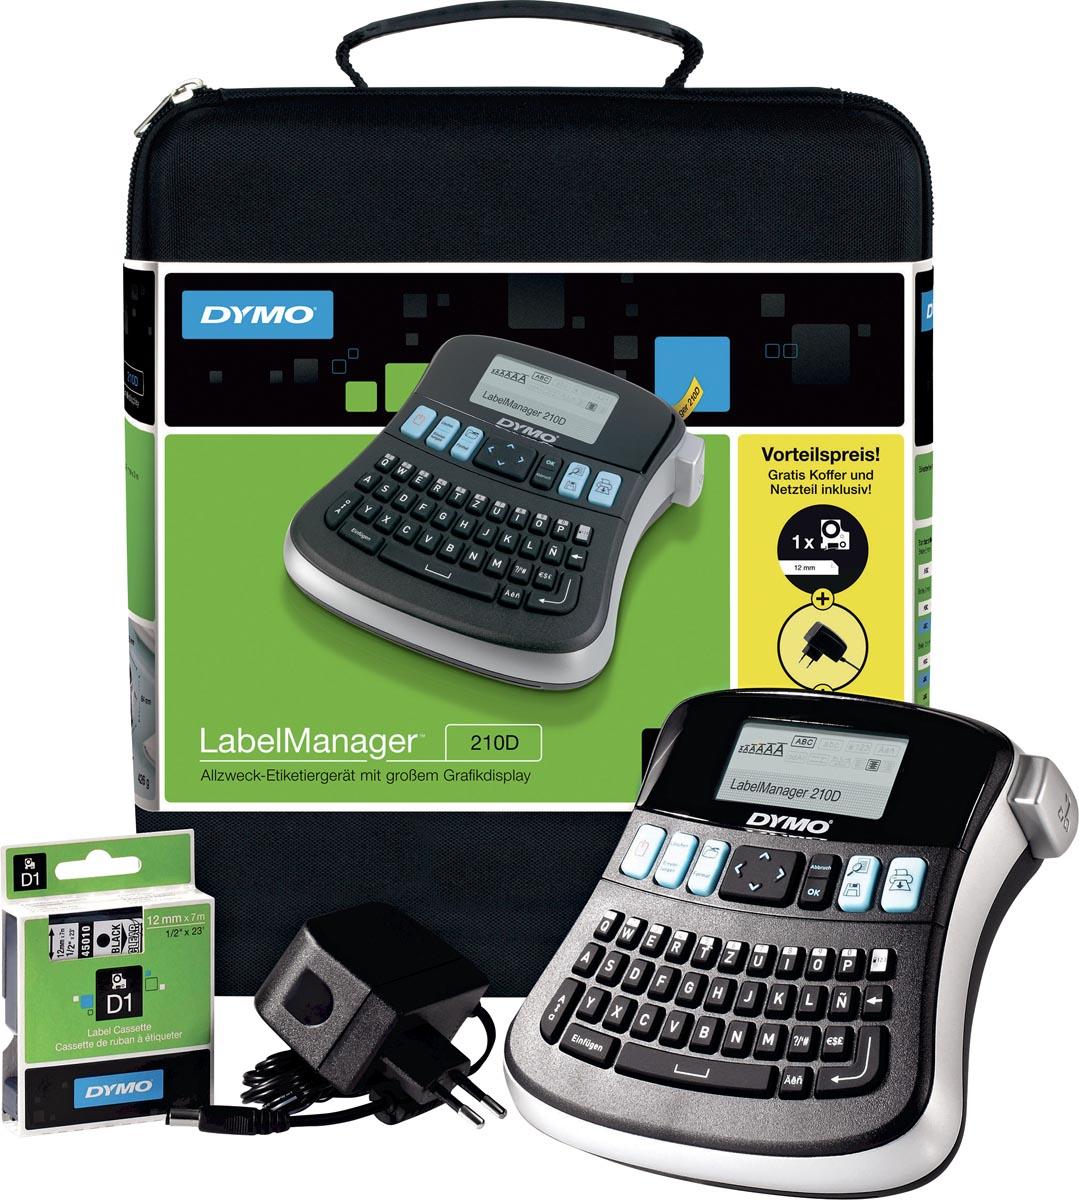 Dymo beletteringsysteem LabelManager 210D kit, qwerty, inclusief D1 tape zwart/wit, draagtas en opla